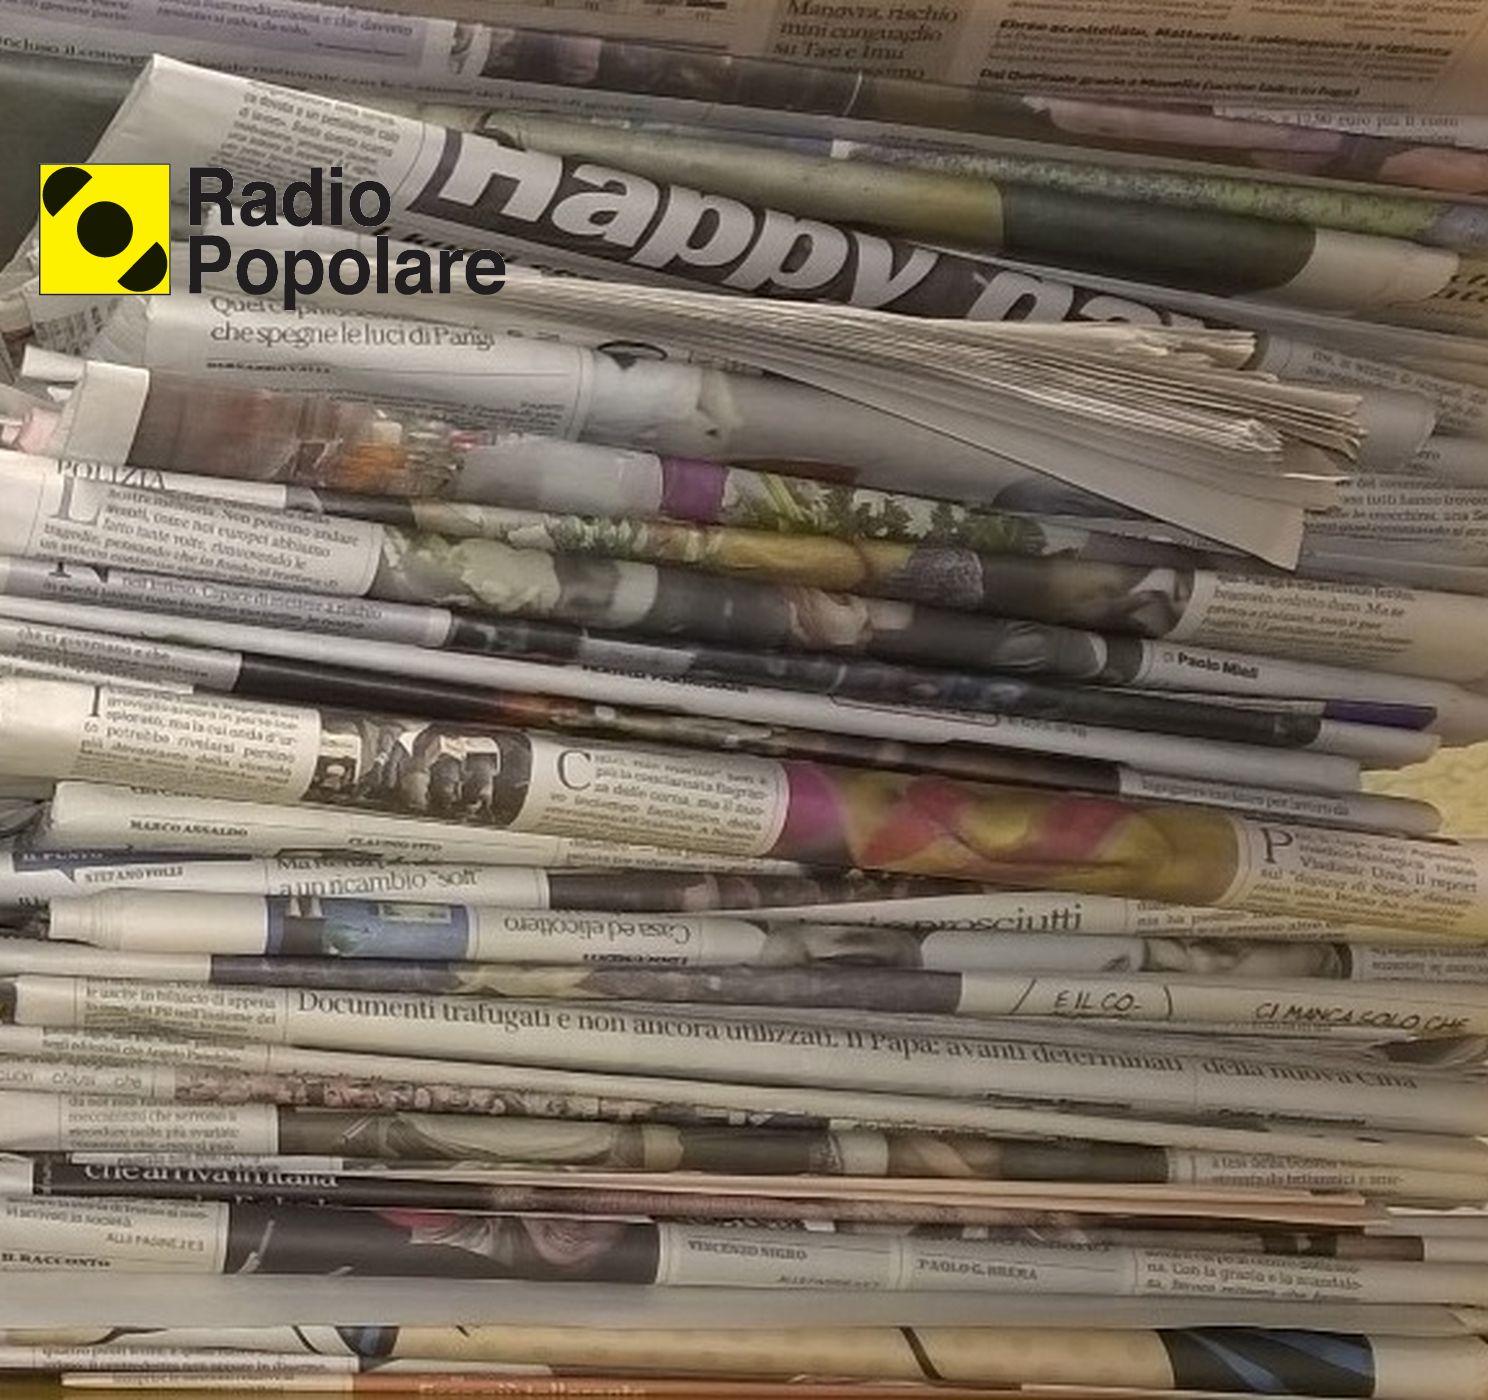 Rassegna stampa - Radio Popolare